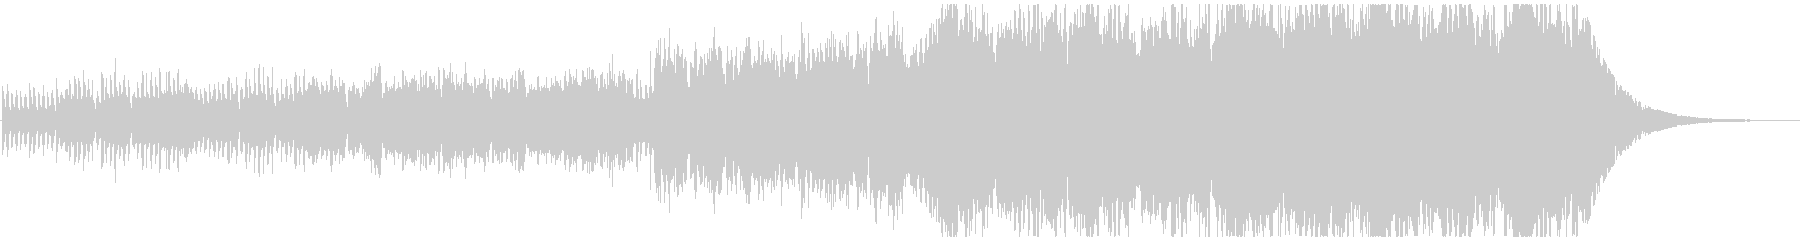 短いながらも盛り上がるフルオーケストラの未再生の波形